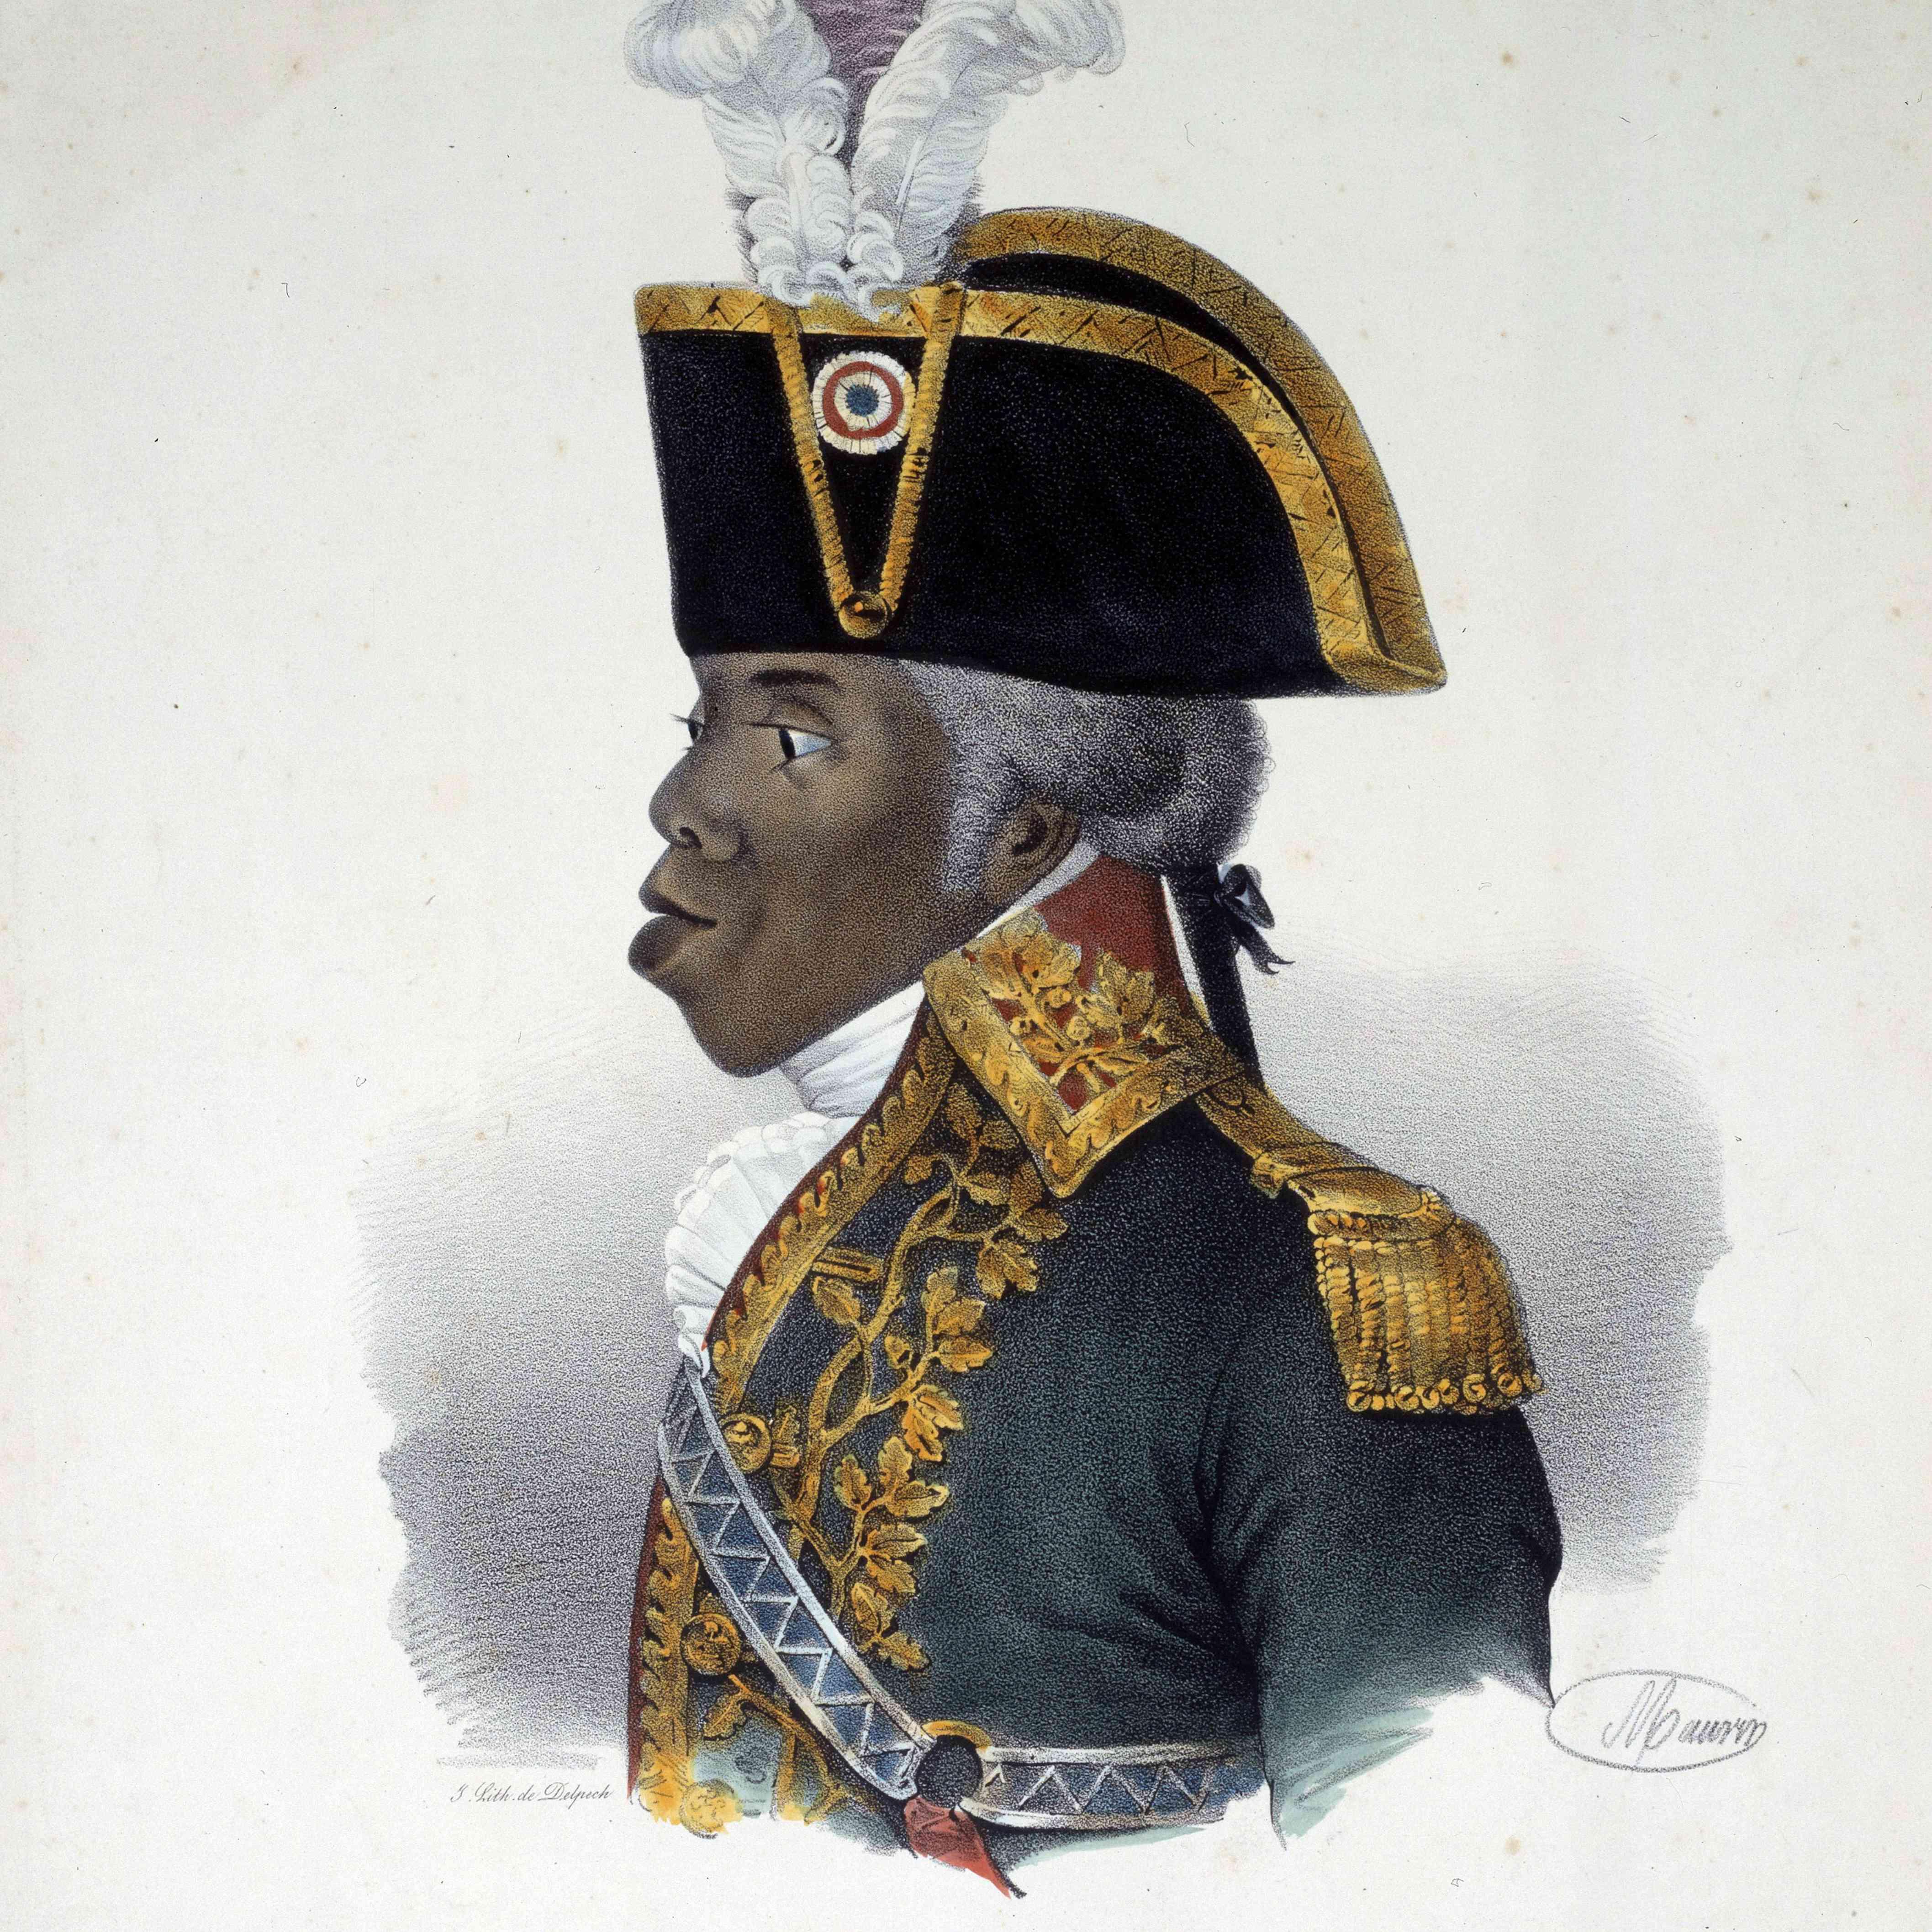 Portrait of Haitian Patriot Toussaint Louverture